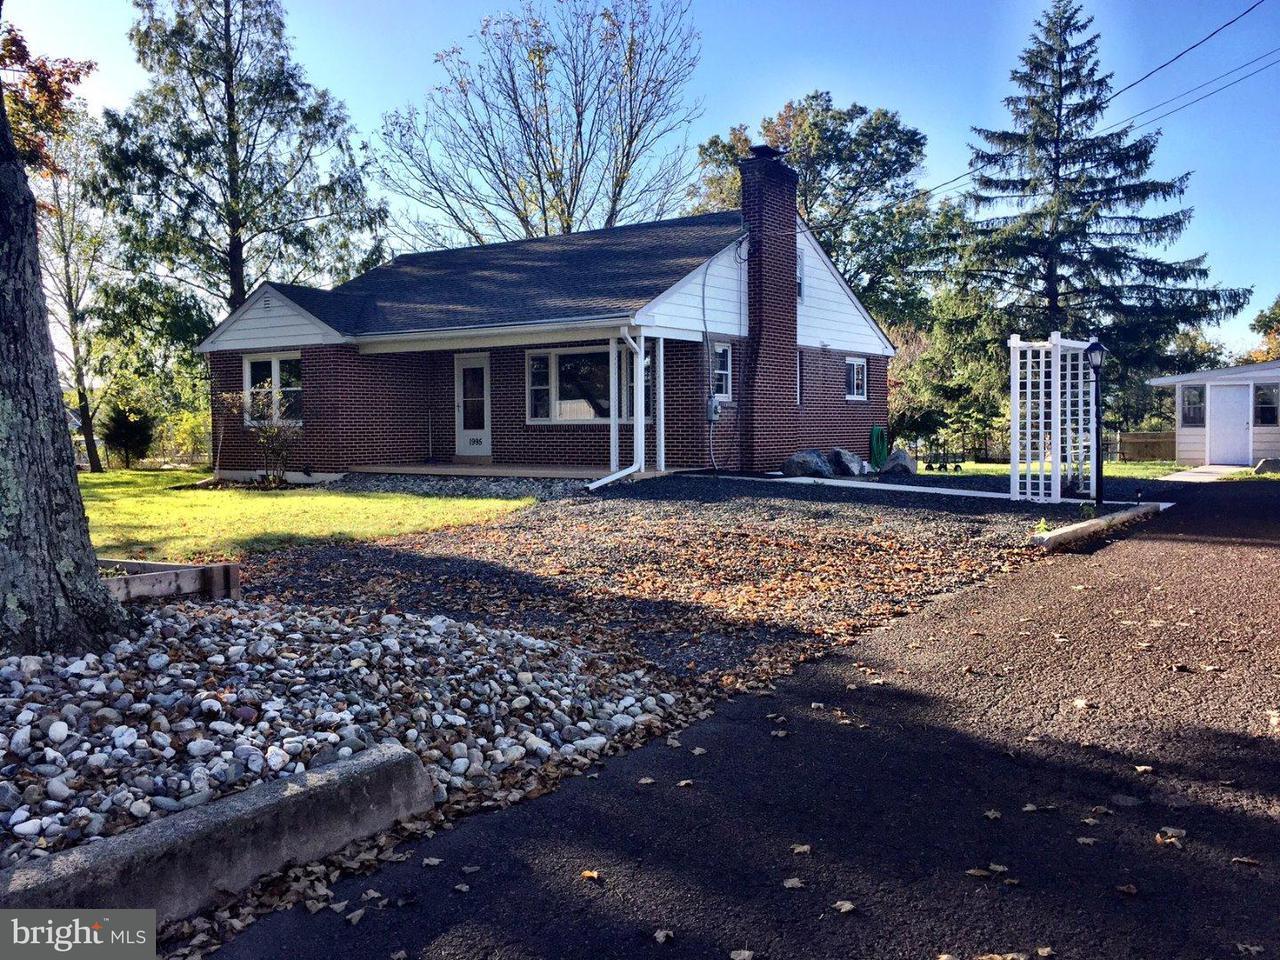 Частный односемейный дом для того Продажа на 1995 E CHERRY Lane Hilltown, Пенсильвания 18964 Соединенные Штаты